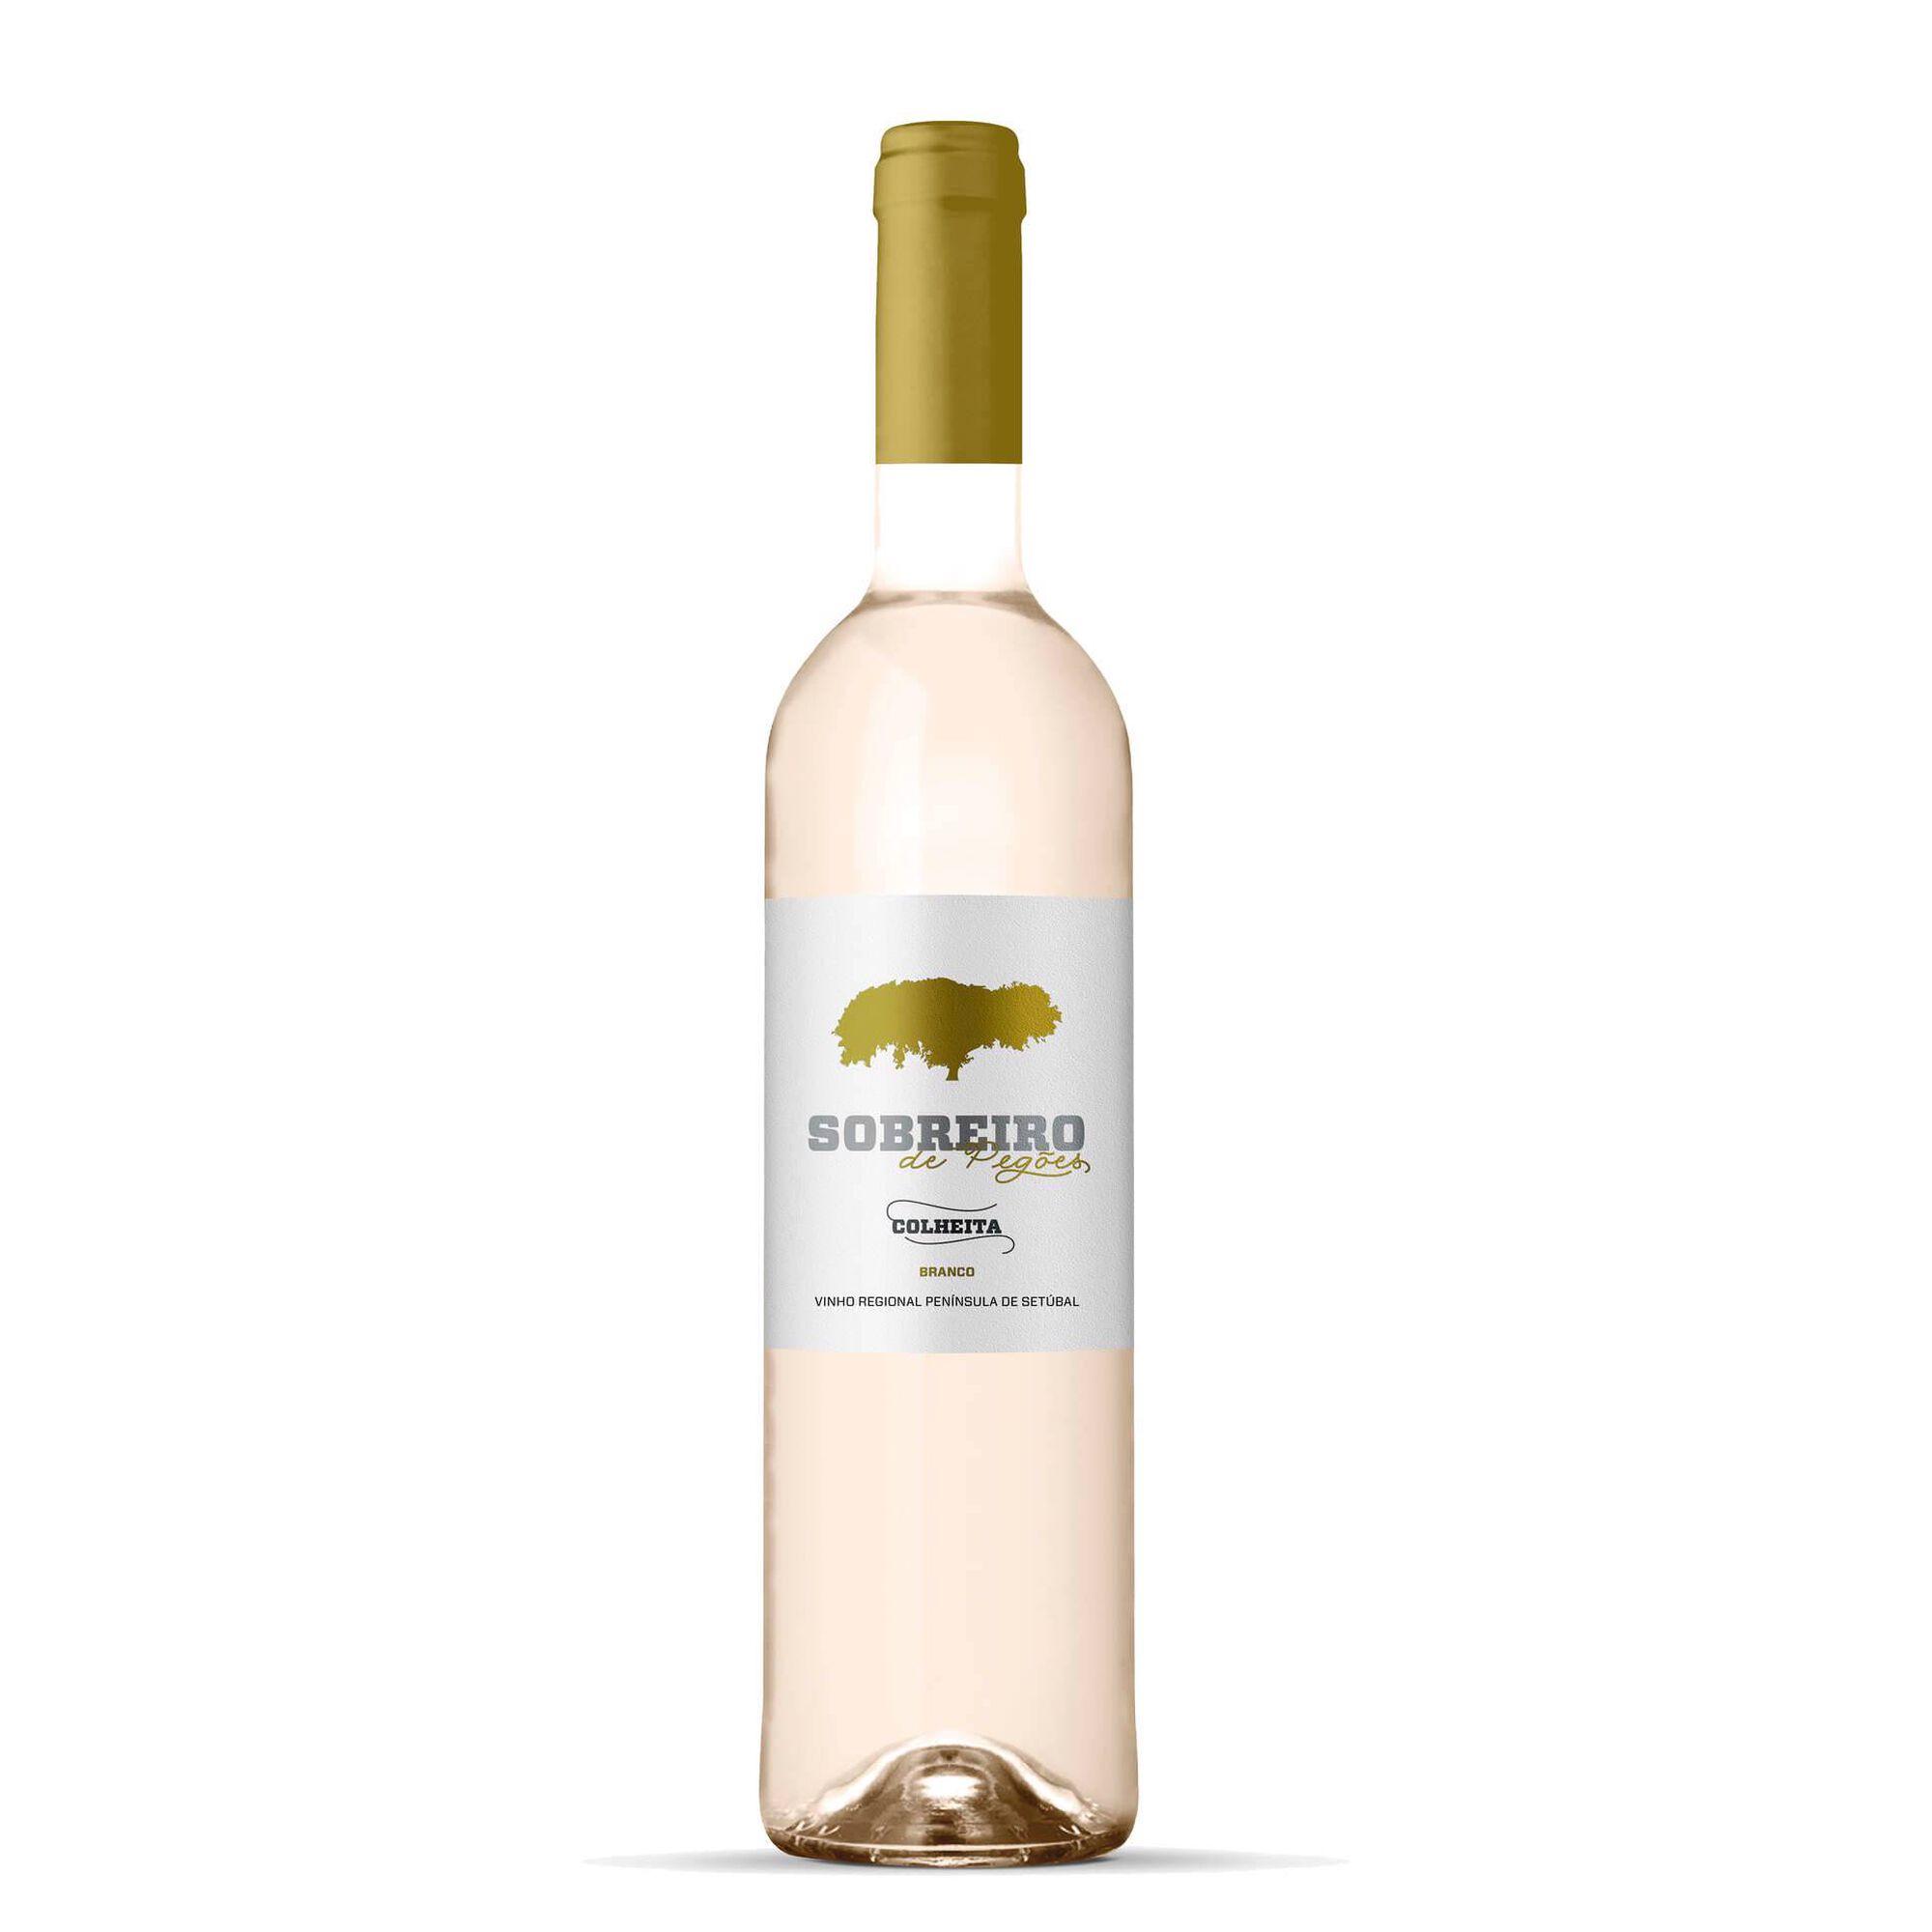 Sobreiro de Pegões Regional Península de Setúbal Vinho Branco